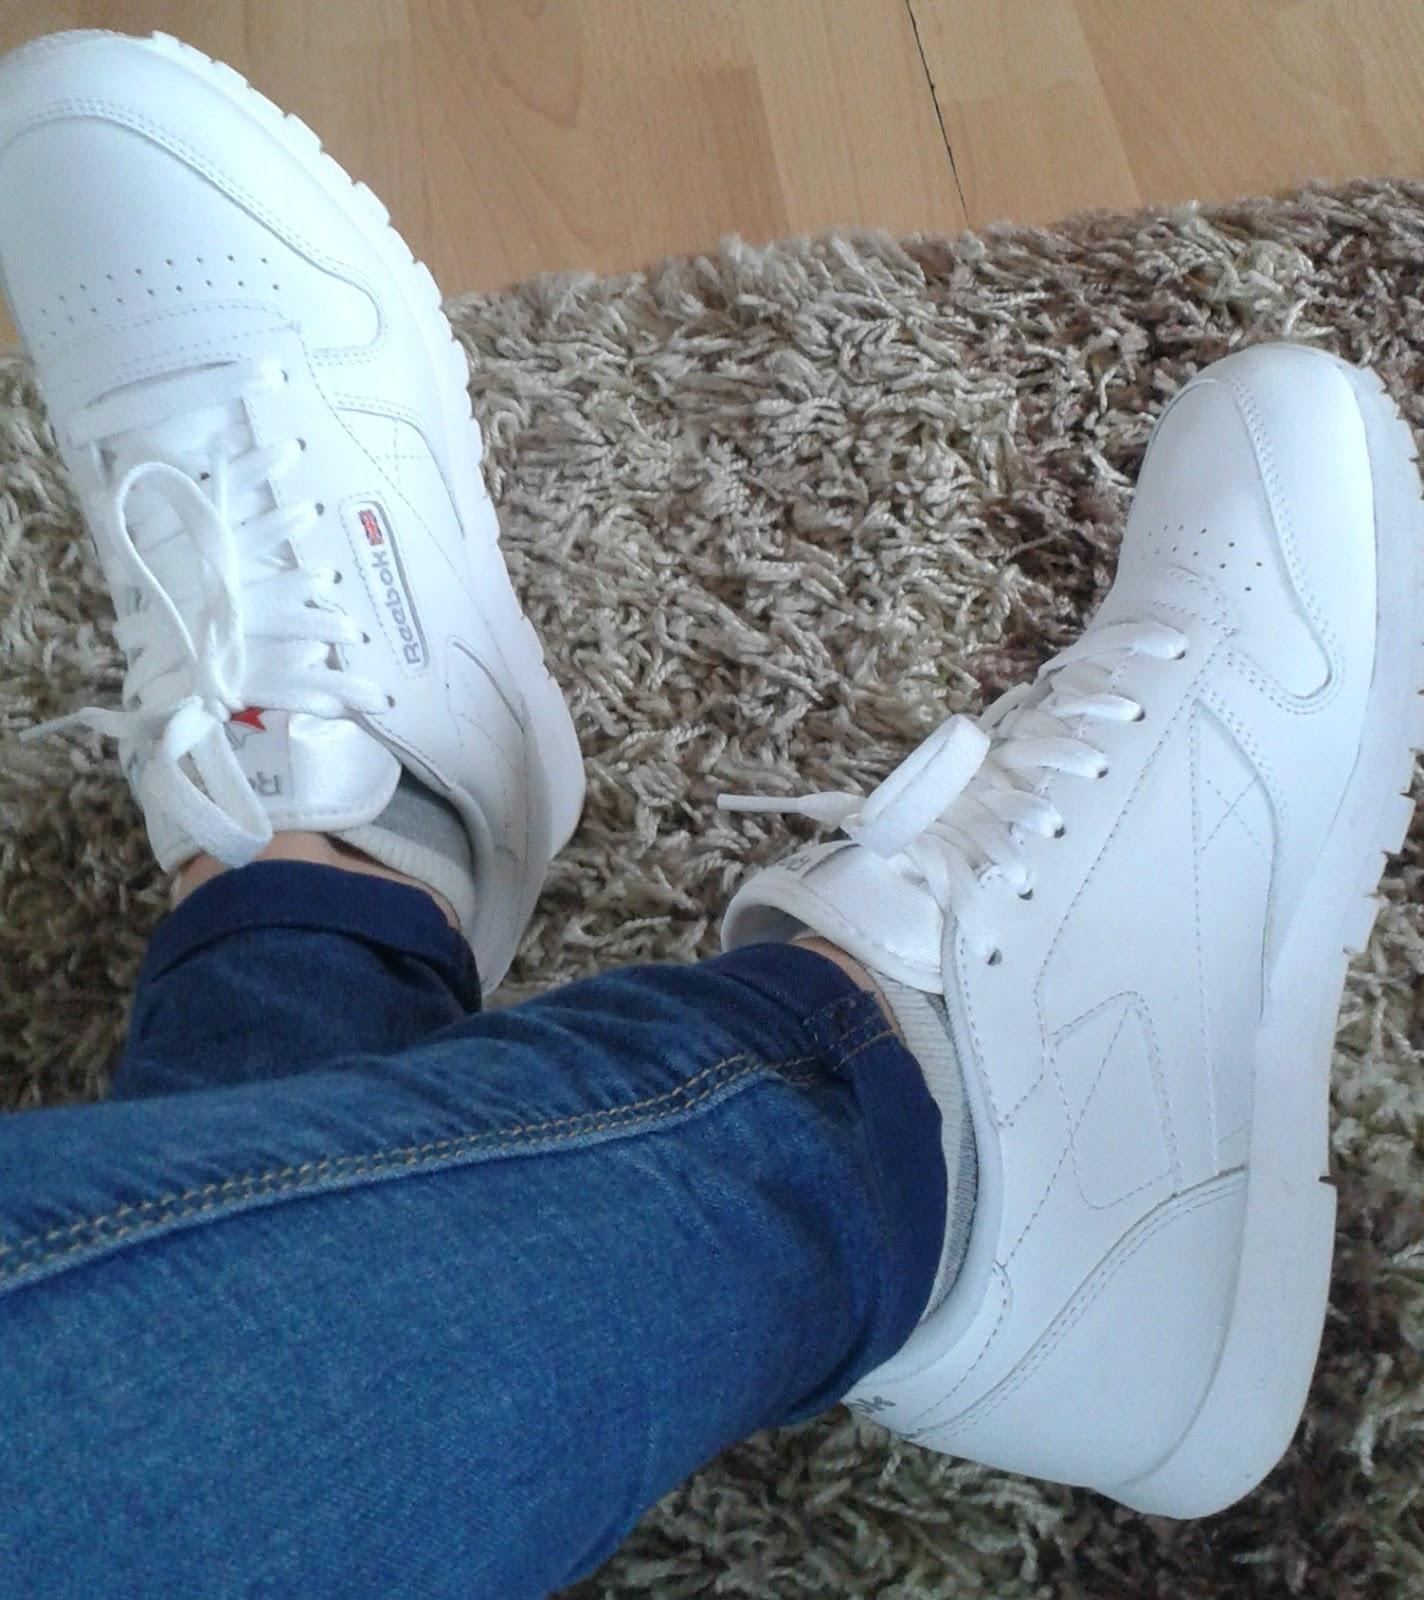 d1b0cfc23e1b6 Chciałam, aby były koloru białego, gdyż teraz takie zaczęły mi się teraz  podobać. Po wielu przemyśleniach strzałem w 10 okazały buty Reebok Classic  White.